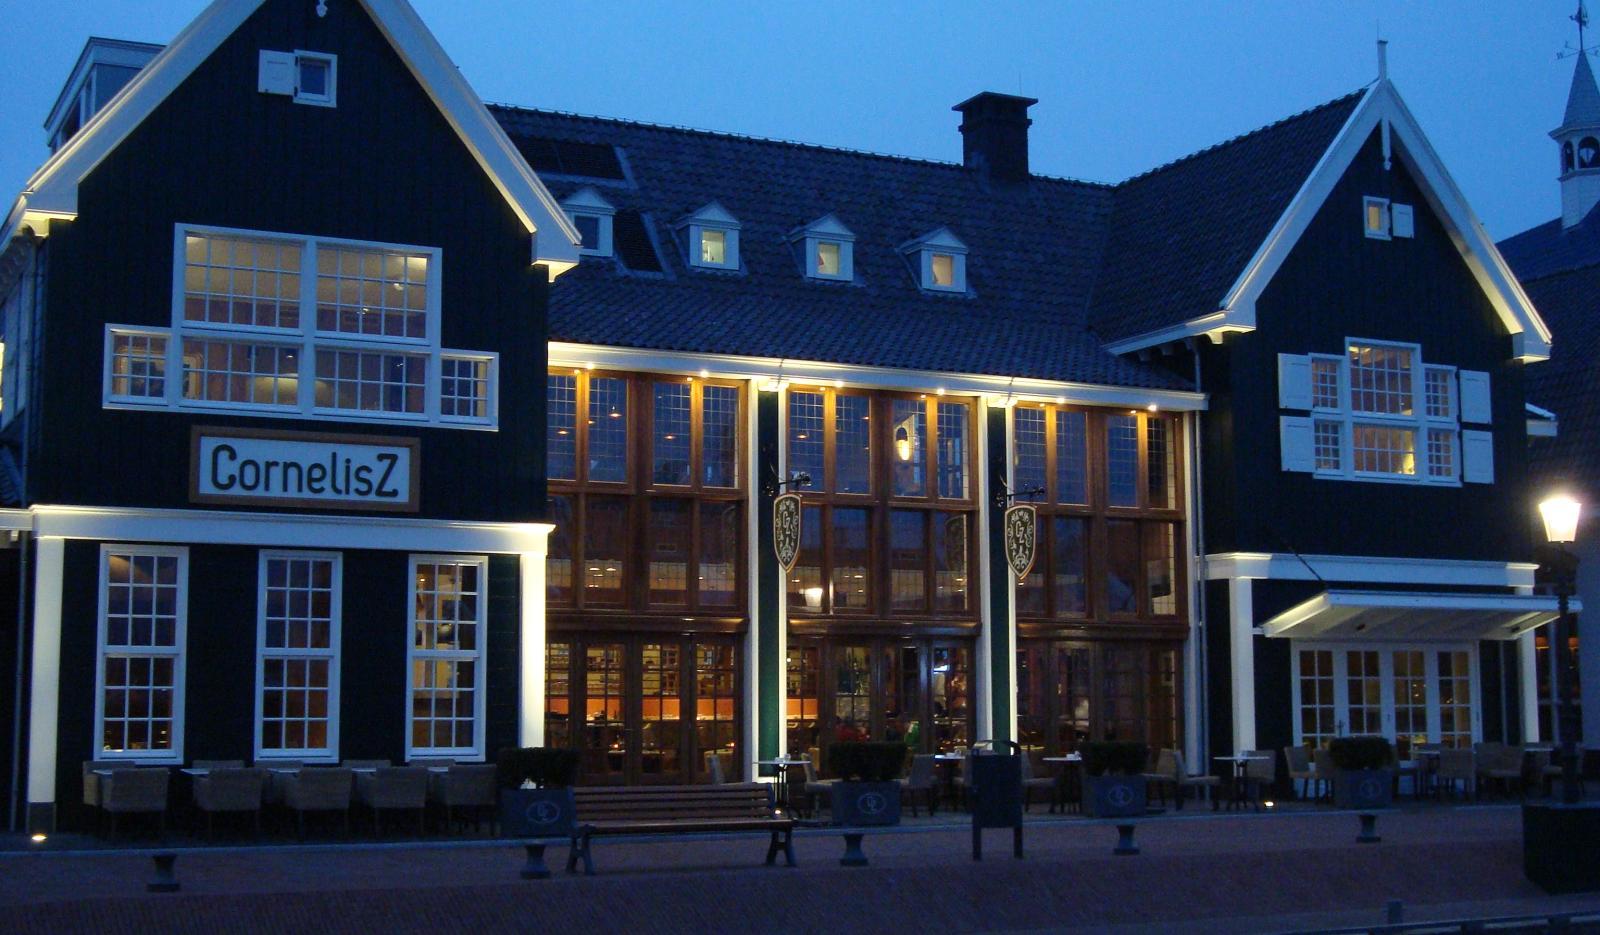 Restaurants In Huizen : Restaurant cornelisz huizen linthorst techniek